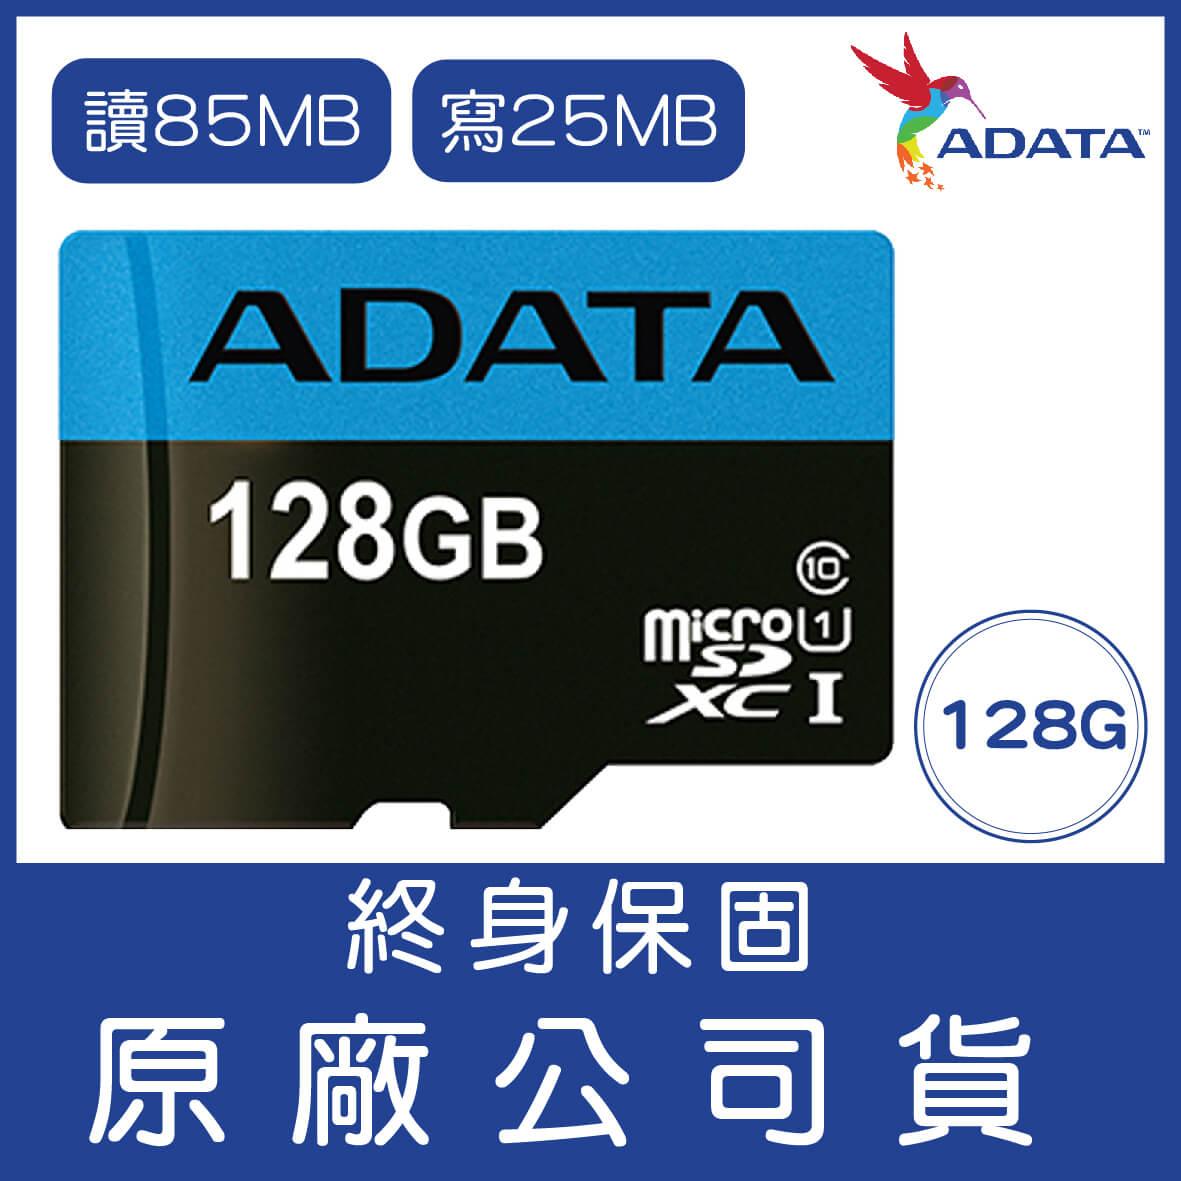 威剛 ADATA 128G Premier microSDXC UHS-I U1 藍卡 記憶卡 原廠公司貨 128GB